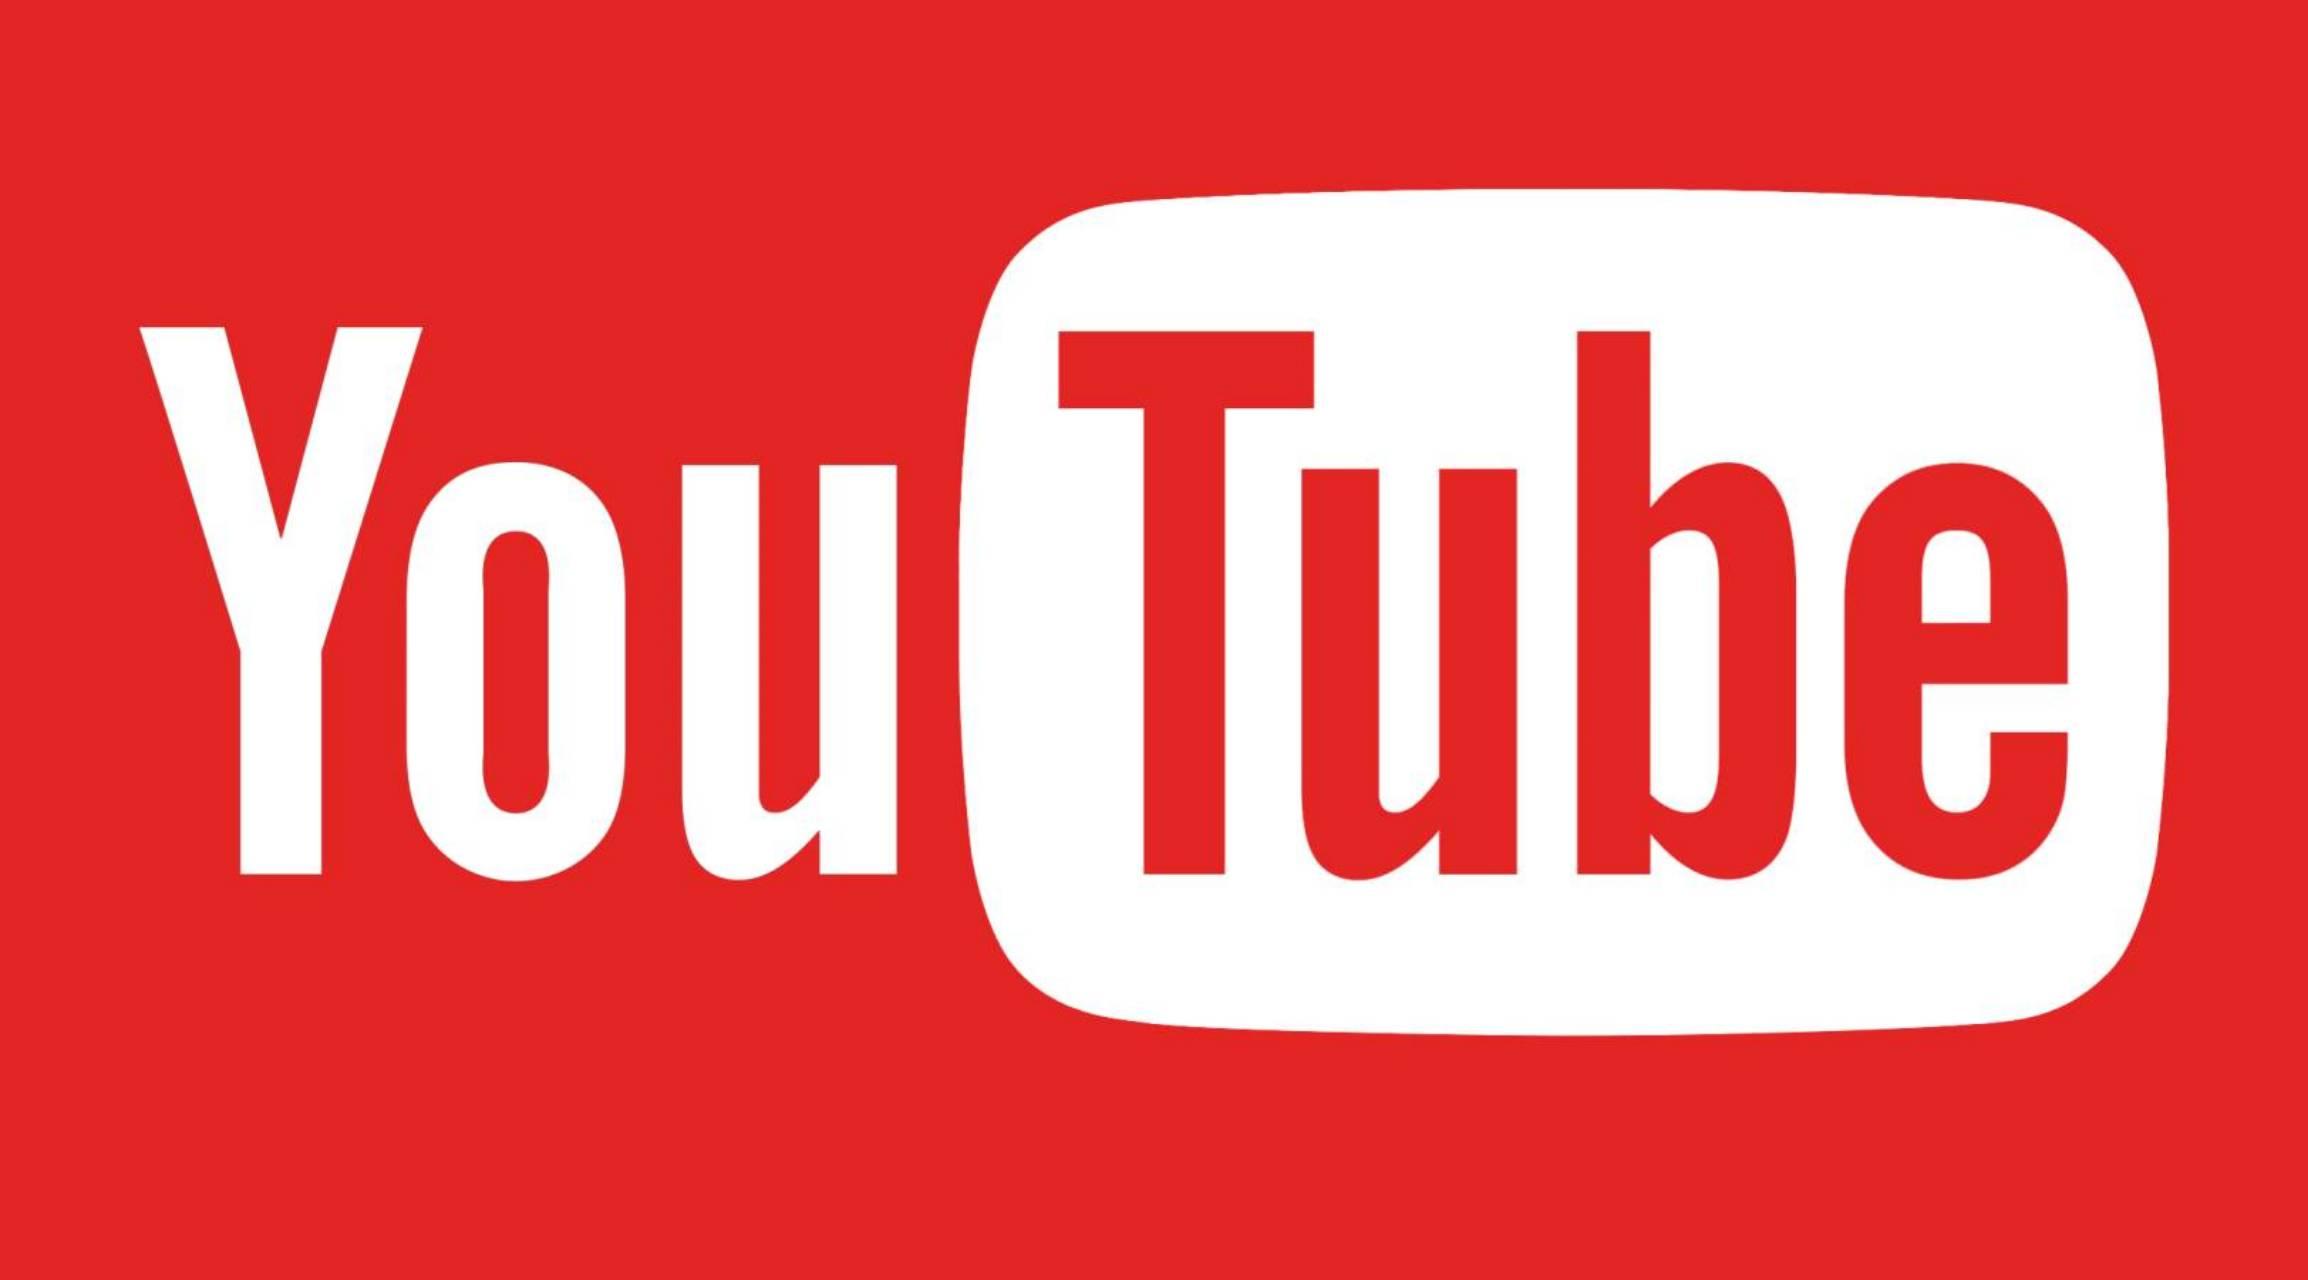 YouTube Actualizarea Lansata pentru Utilizatorii din toata Lumea